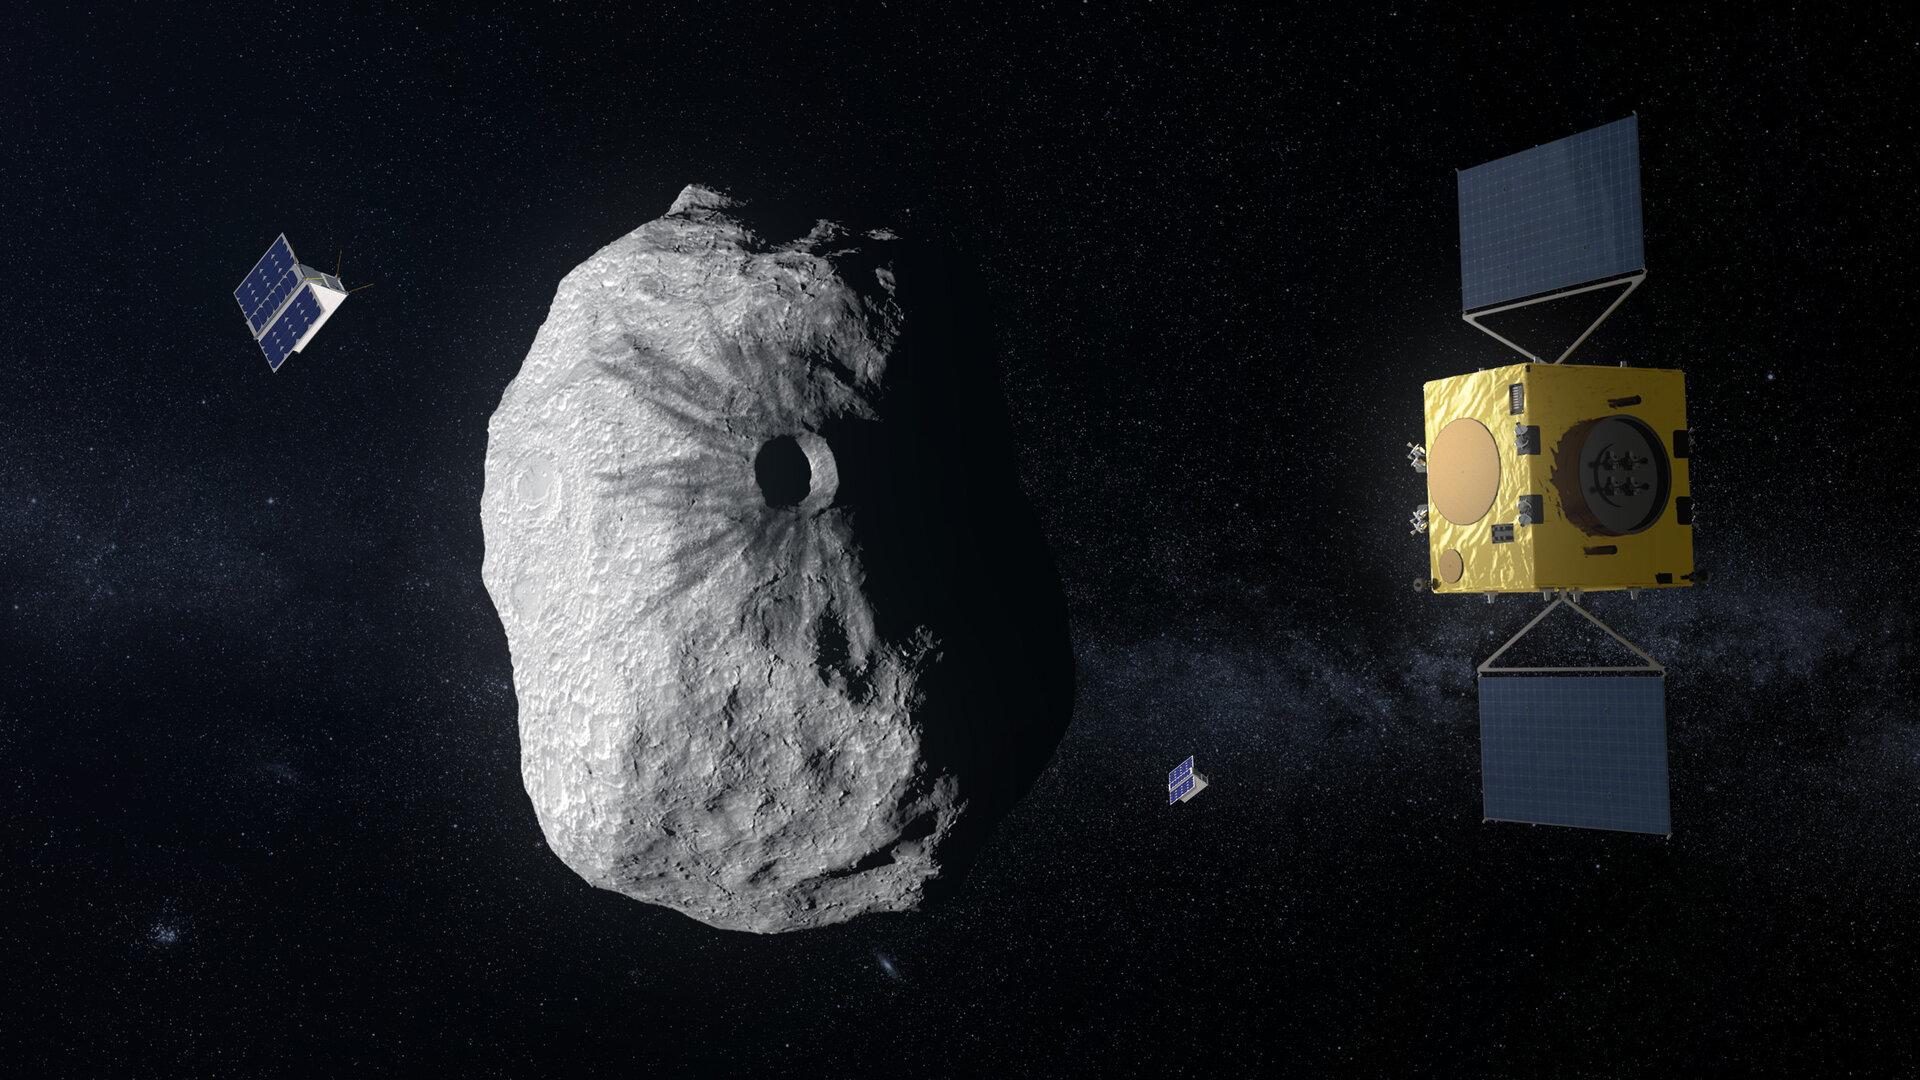 Asteroidi: Hera, il satellite, ci proteggerà!